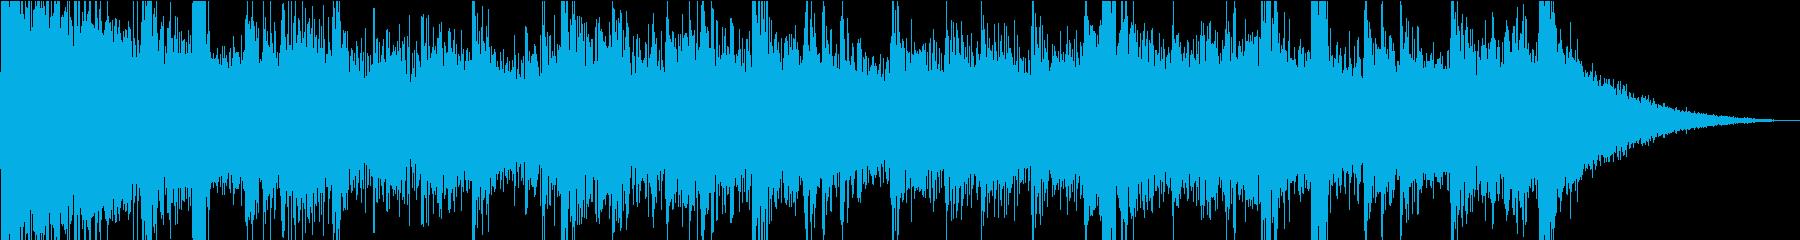 【15秒】トレーラー風/TVCM用の再生済みの波形